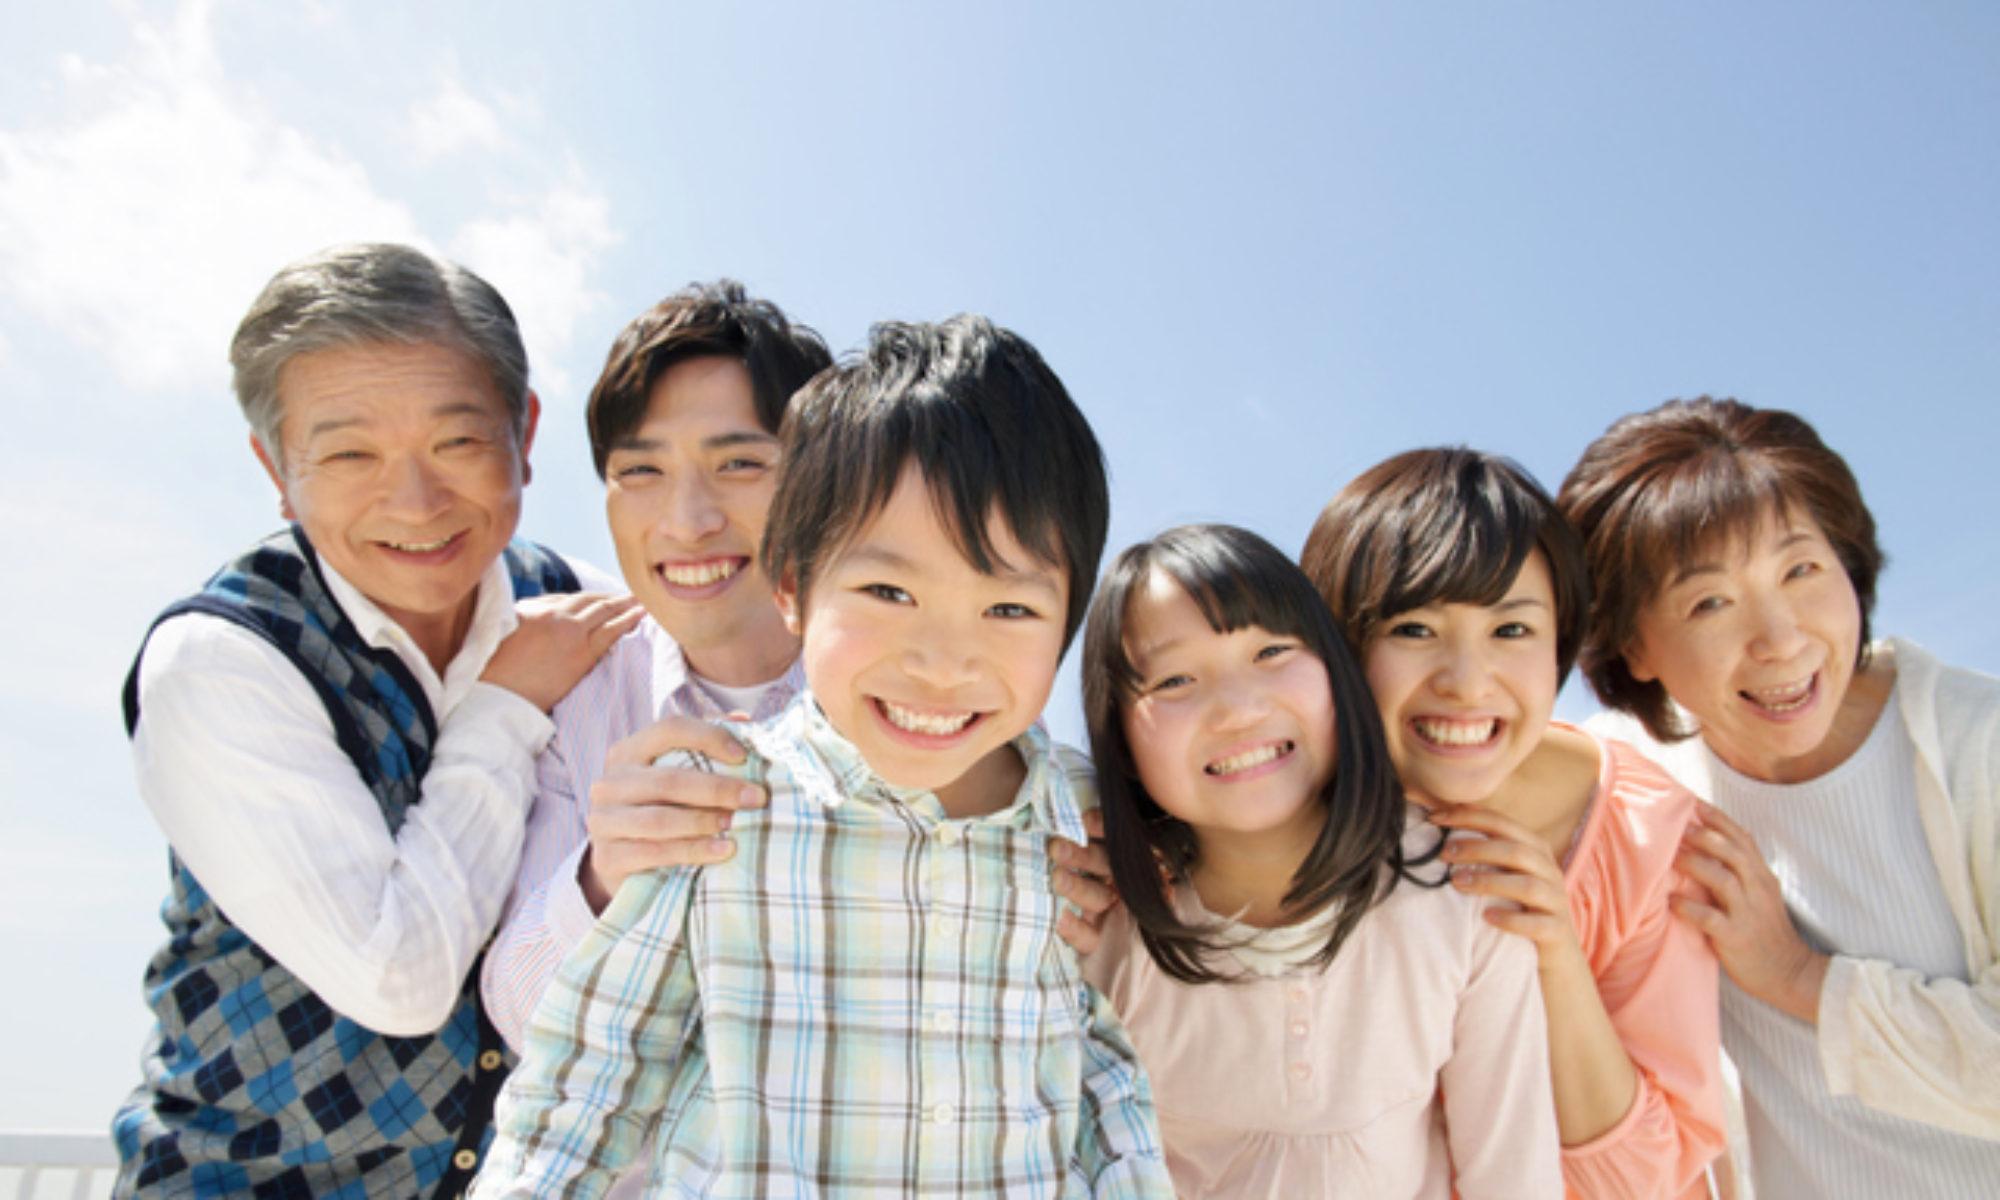 日本臨床発達心理士会京都滋賀奈良支部合同サイト